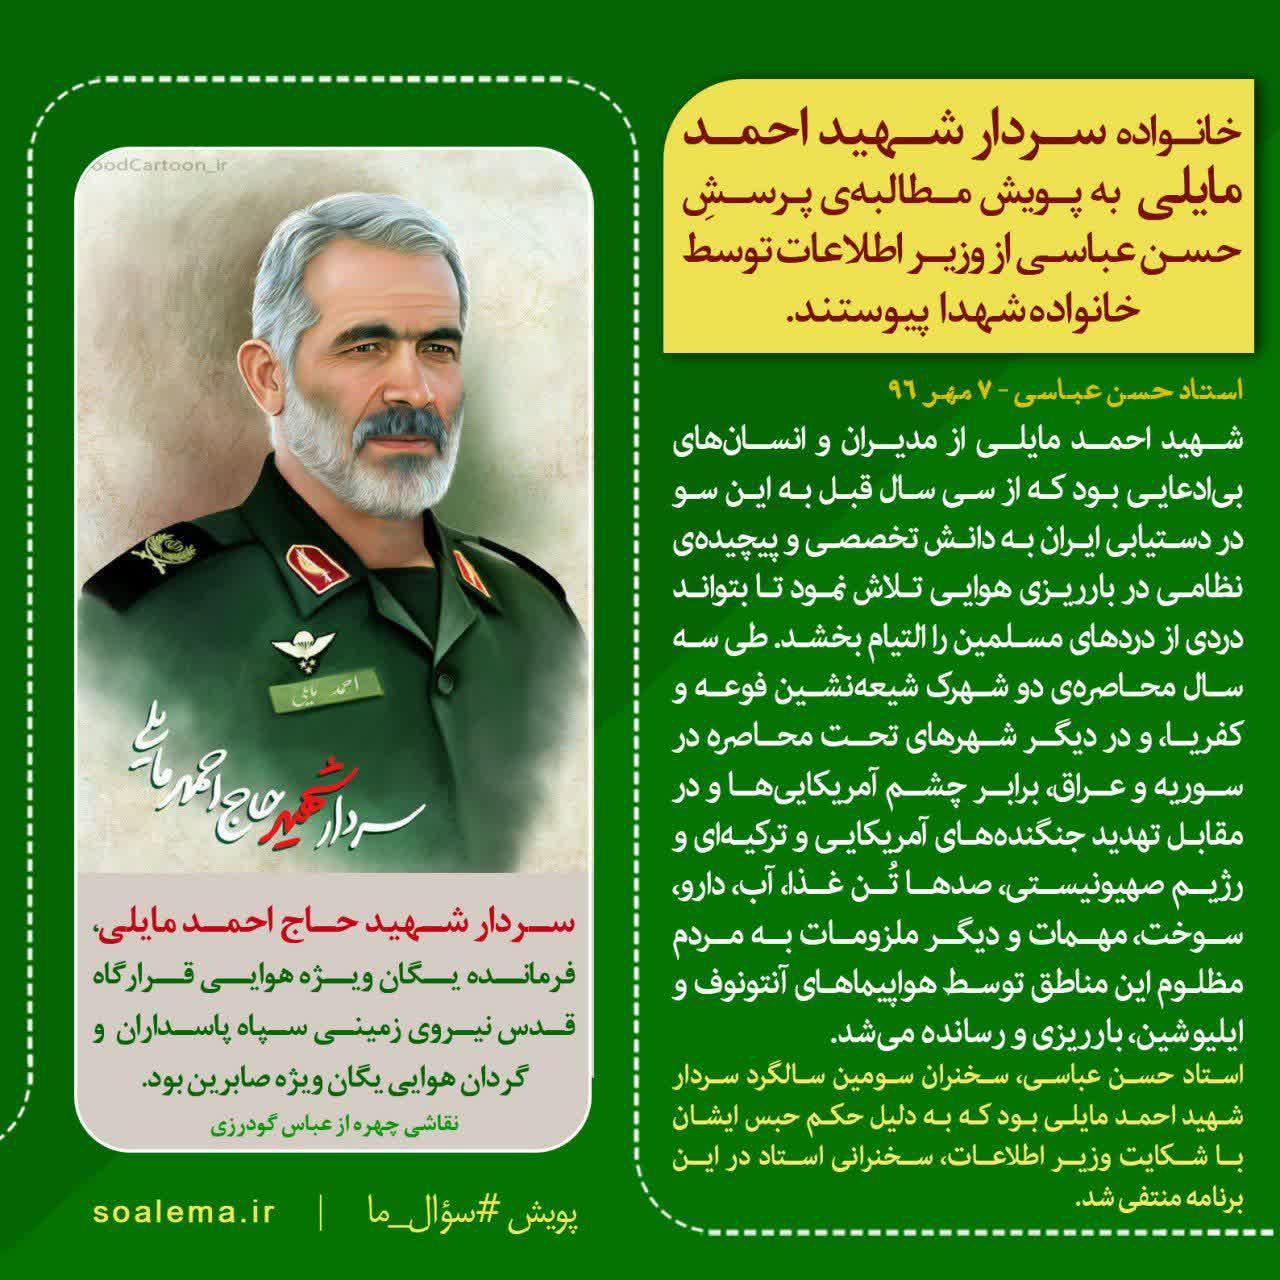 http://dl-abbasi.ir/yekta/1398/Graphic/Shohada/Shakhes8.jpg